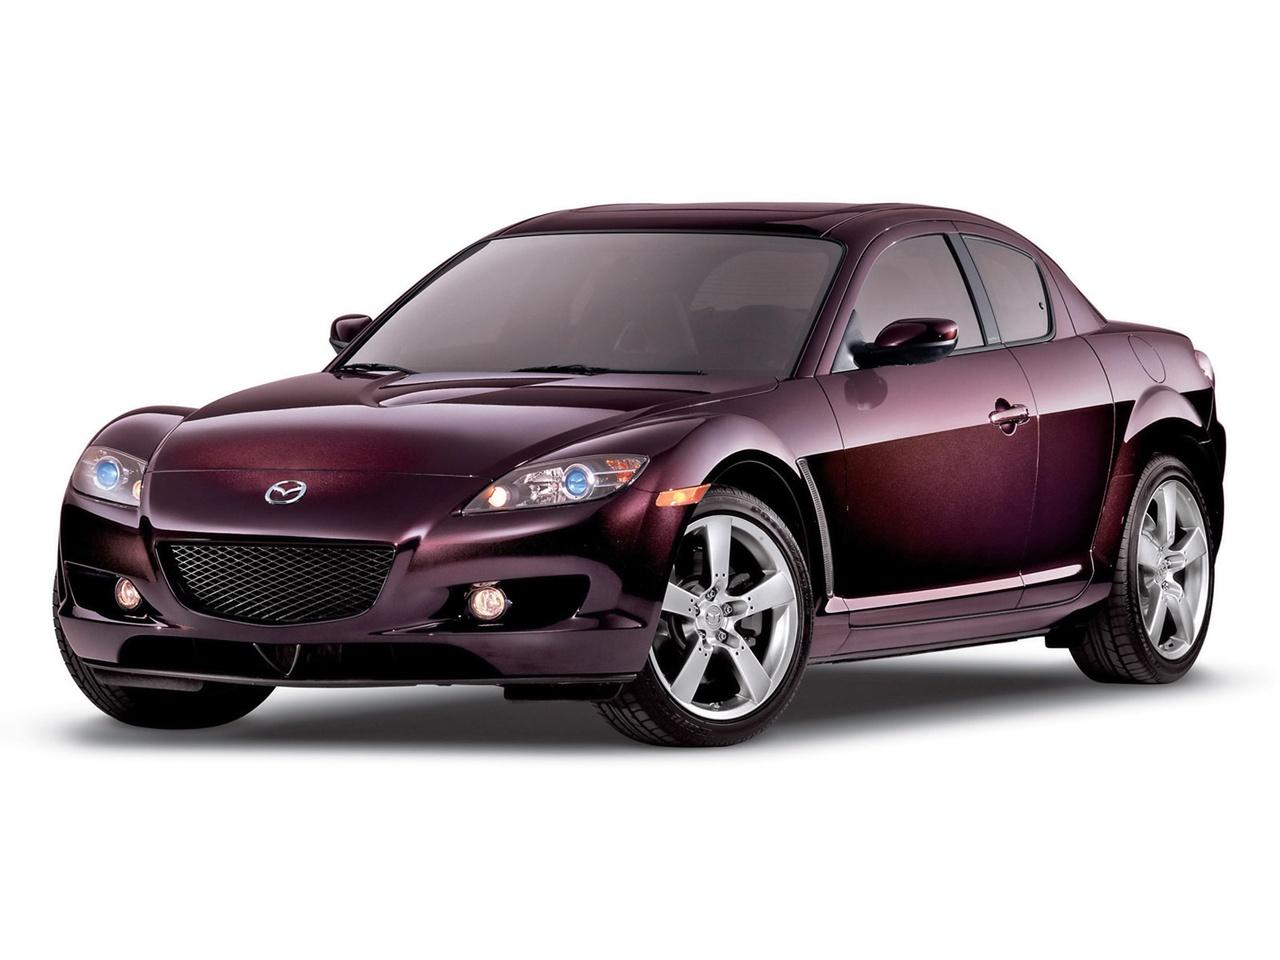 http://2.bp.blogspot.com/-ox1rdvErRKc/TjdEUFBcdzI/AAAAAAAAzuM/bGpcFX980j0/s1600/Mazda_RX-8_Special_Edition_Wallpaper.jpg